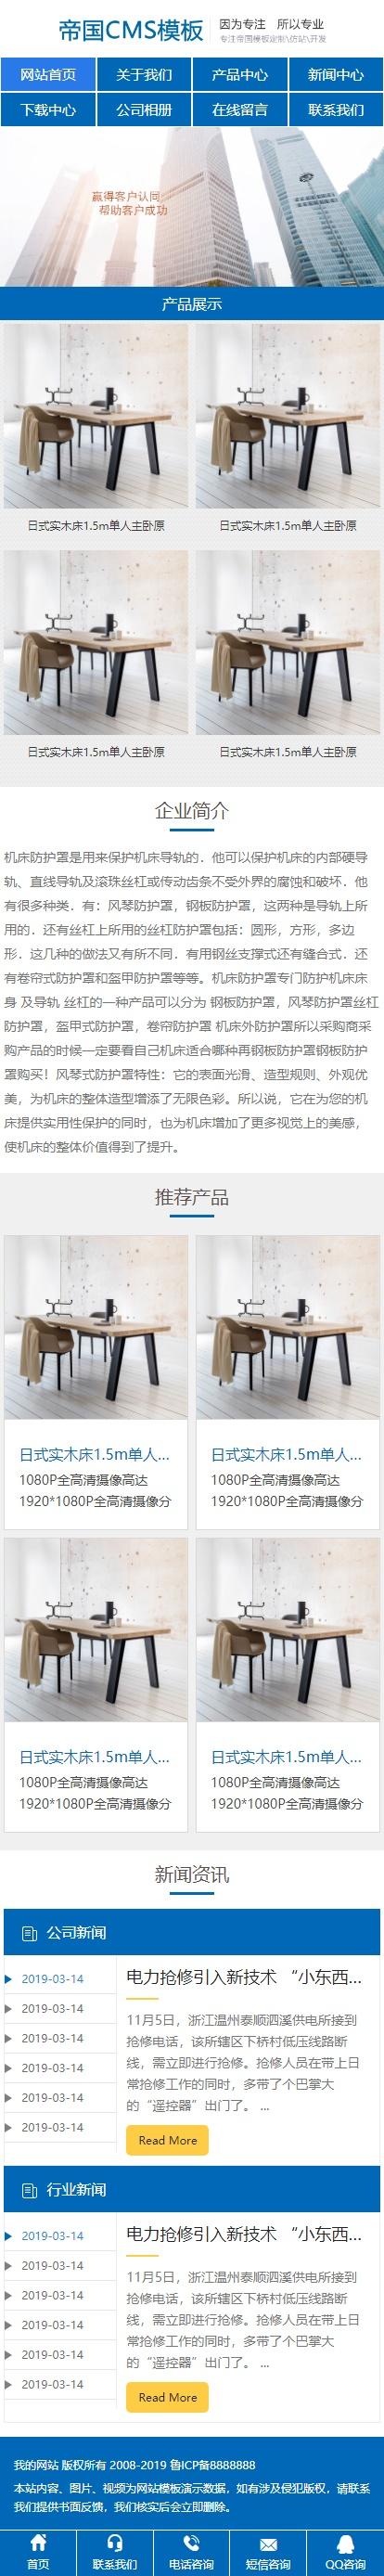 帝国cms蓝色响应式自适应手机版通用企业公司网站模板_手机版首页